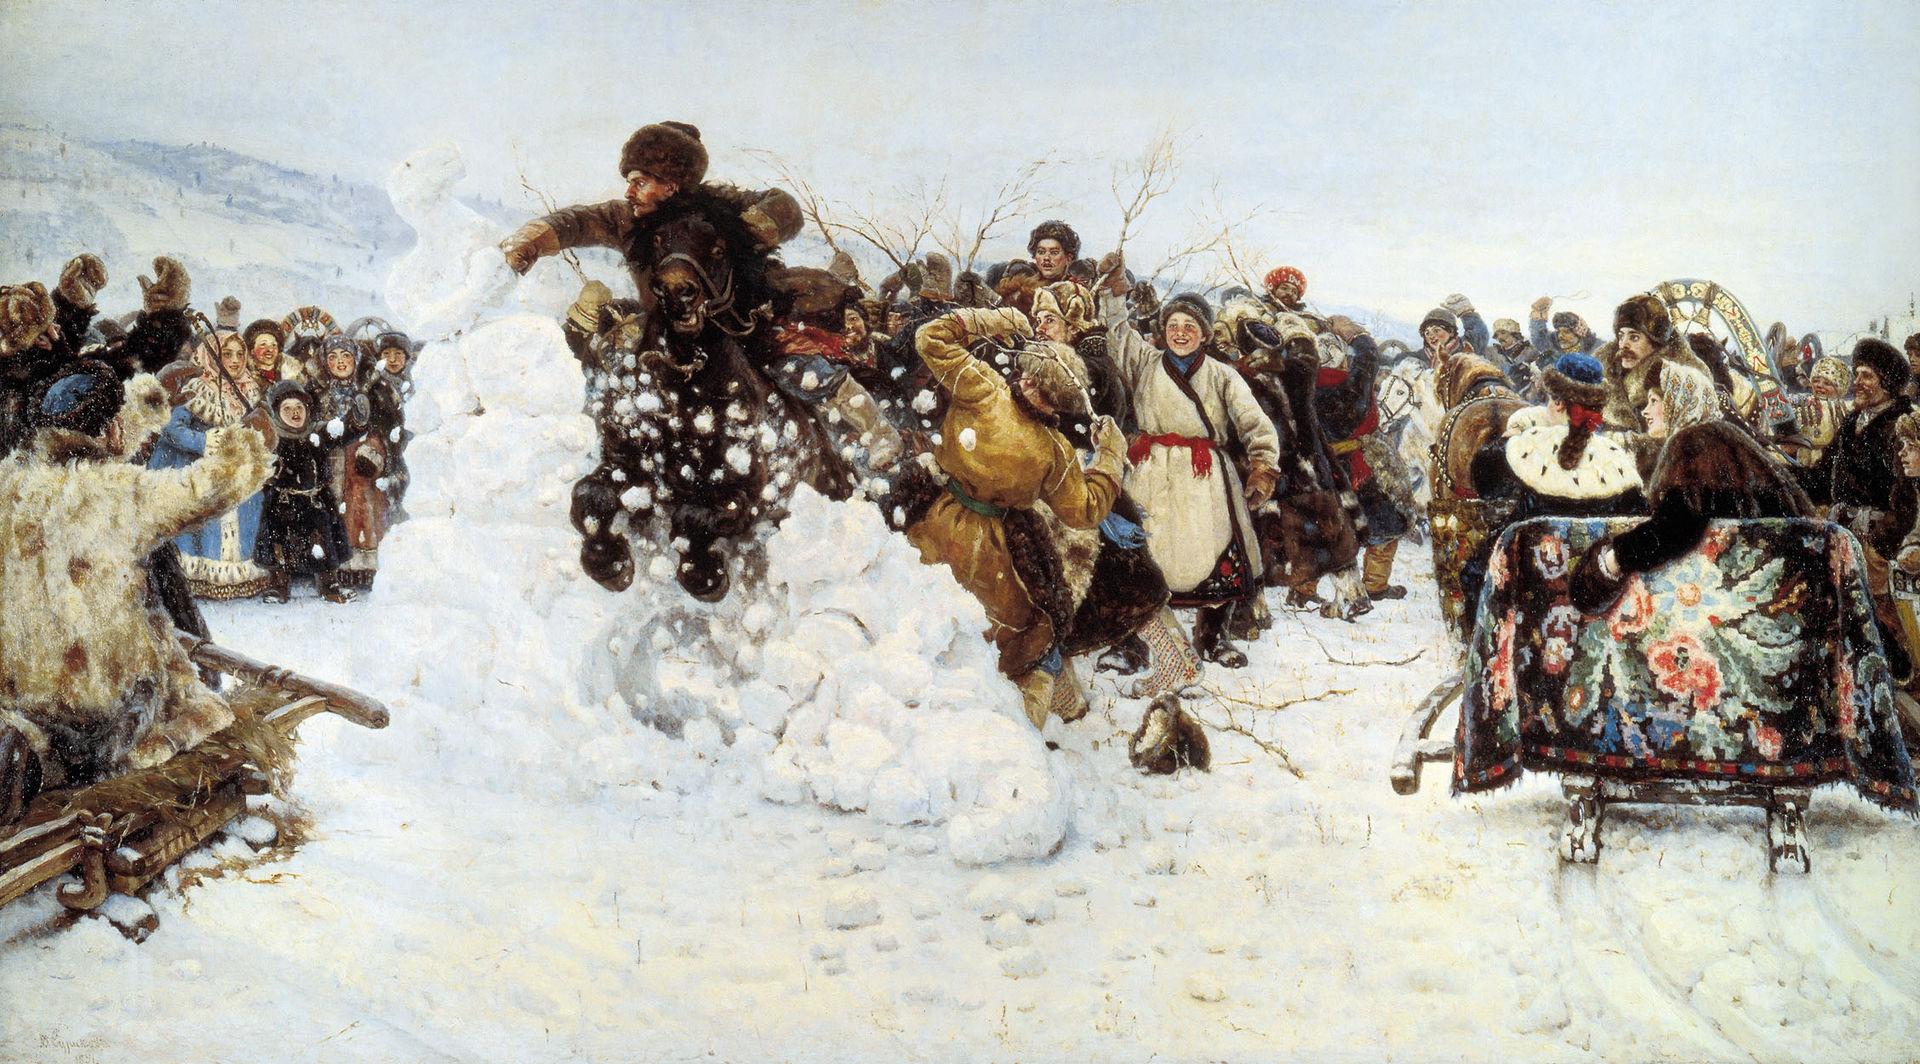 Василий Суриков, 1891 год, картина «Взятие снежного городка»